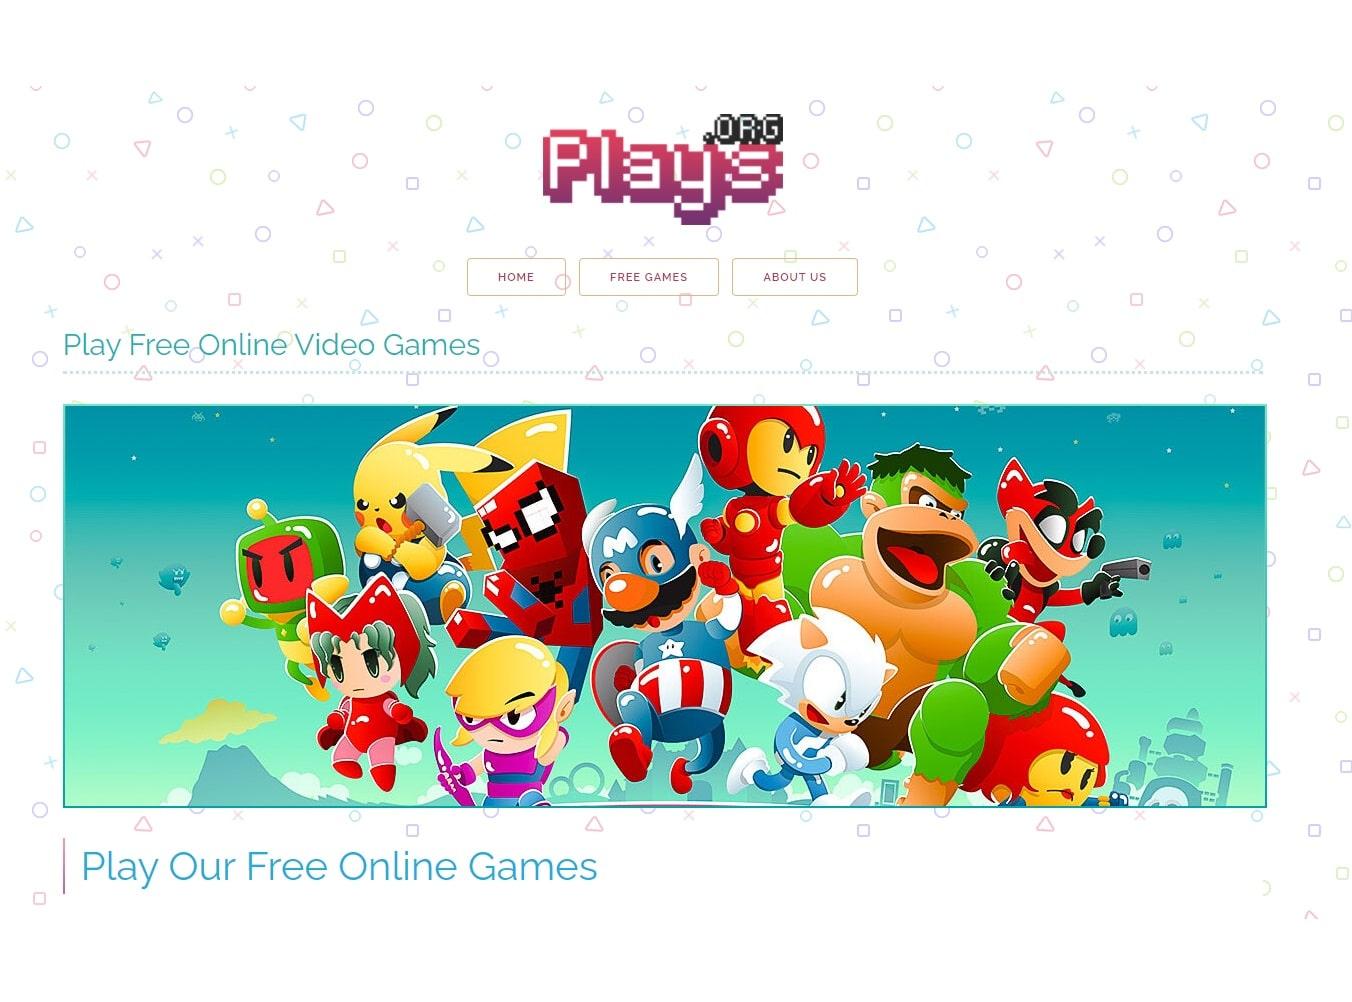 giochi online gratuiti per famiglie